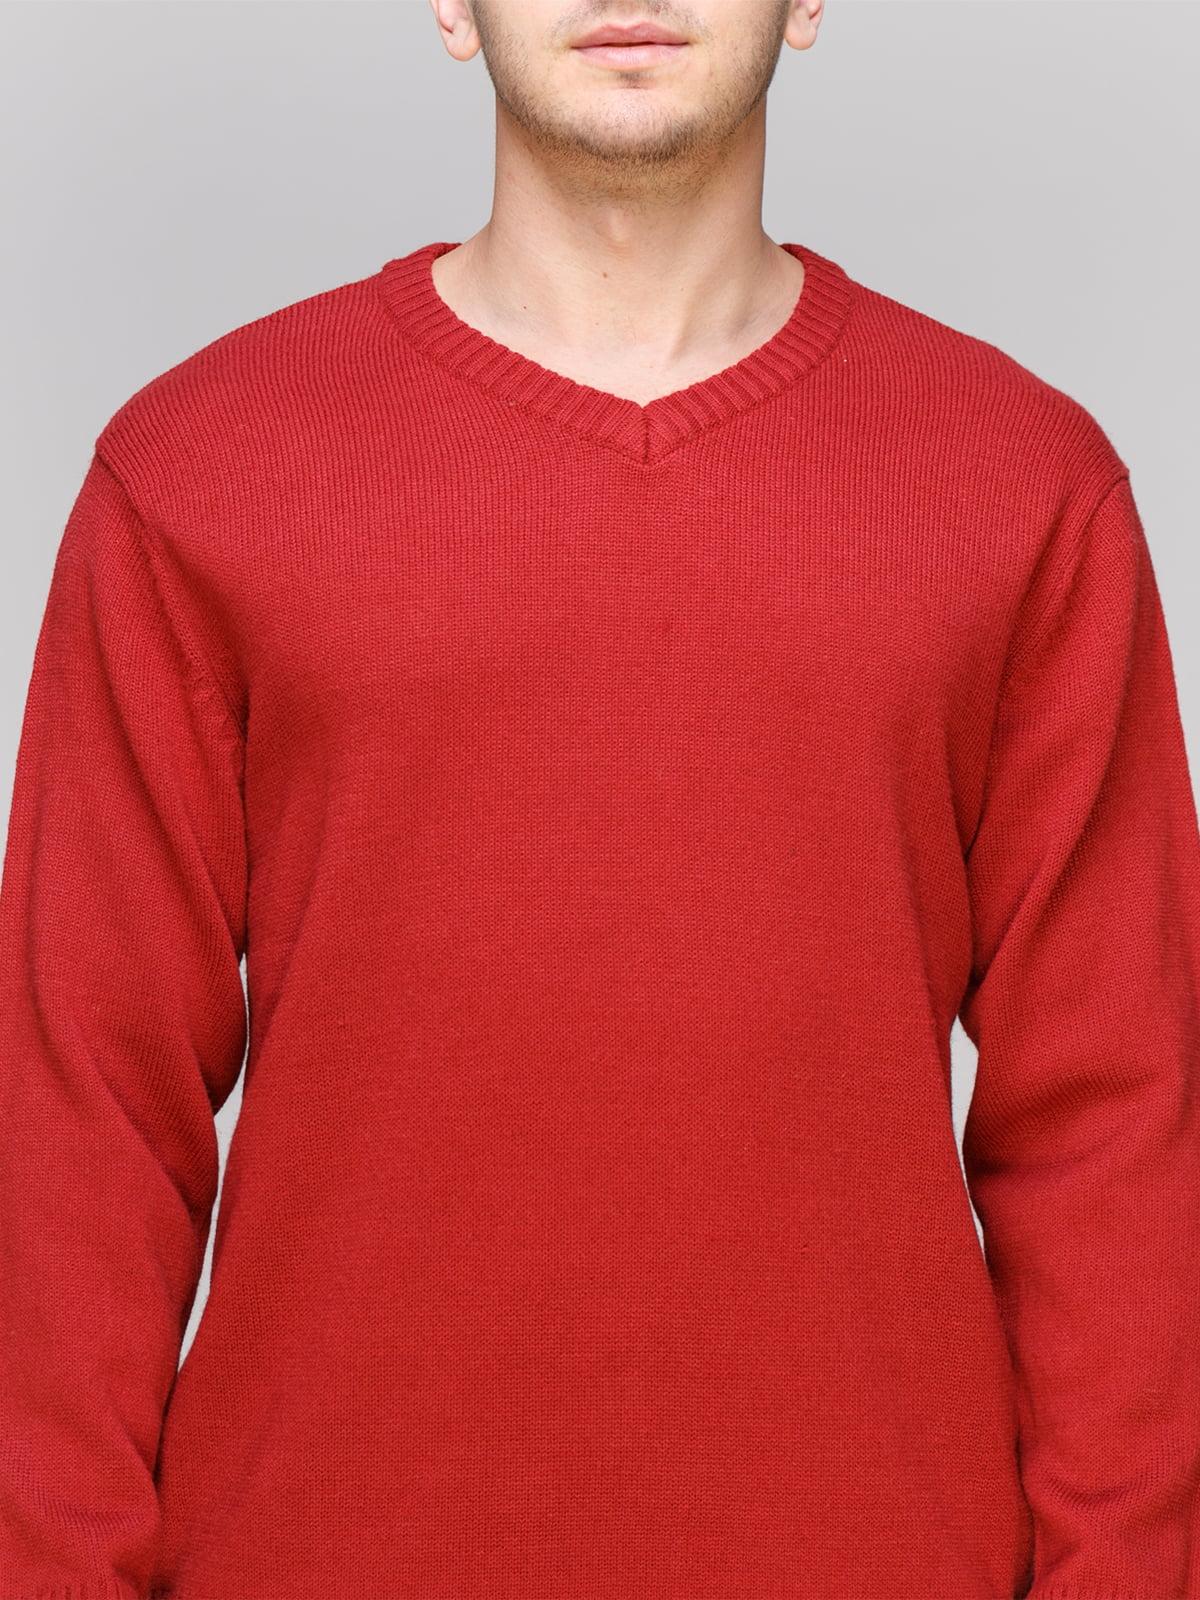 Пуловер червоний | 4855012 | фото 3